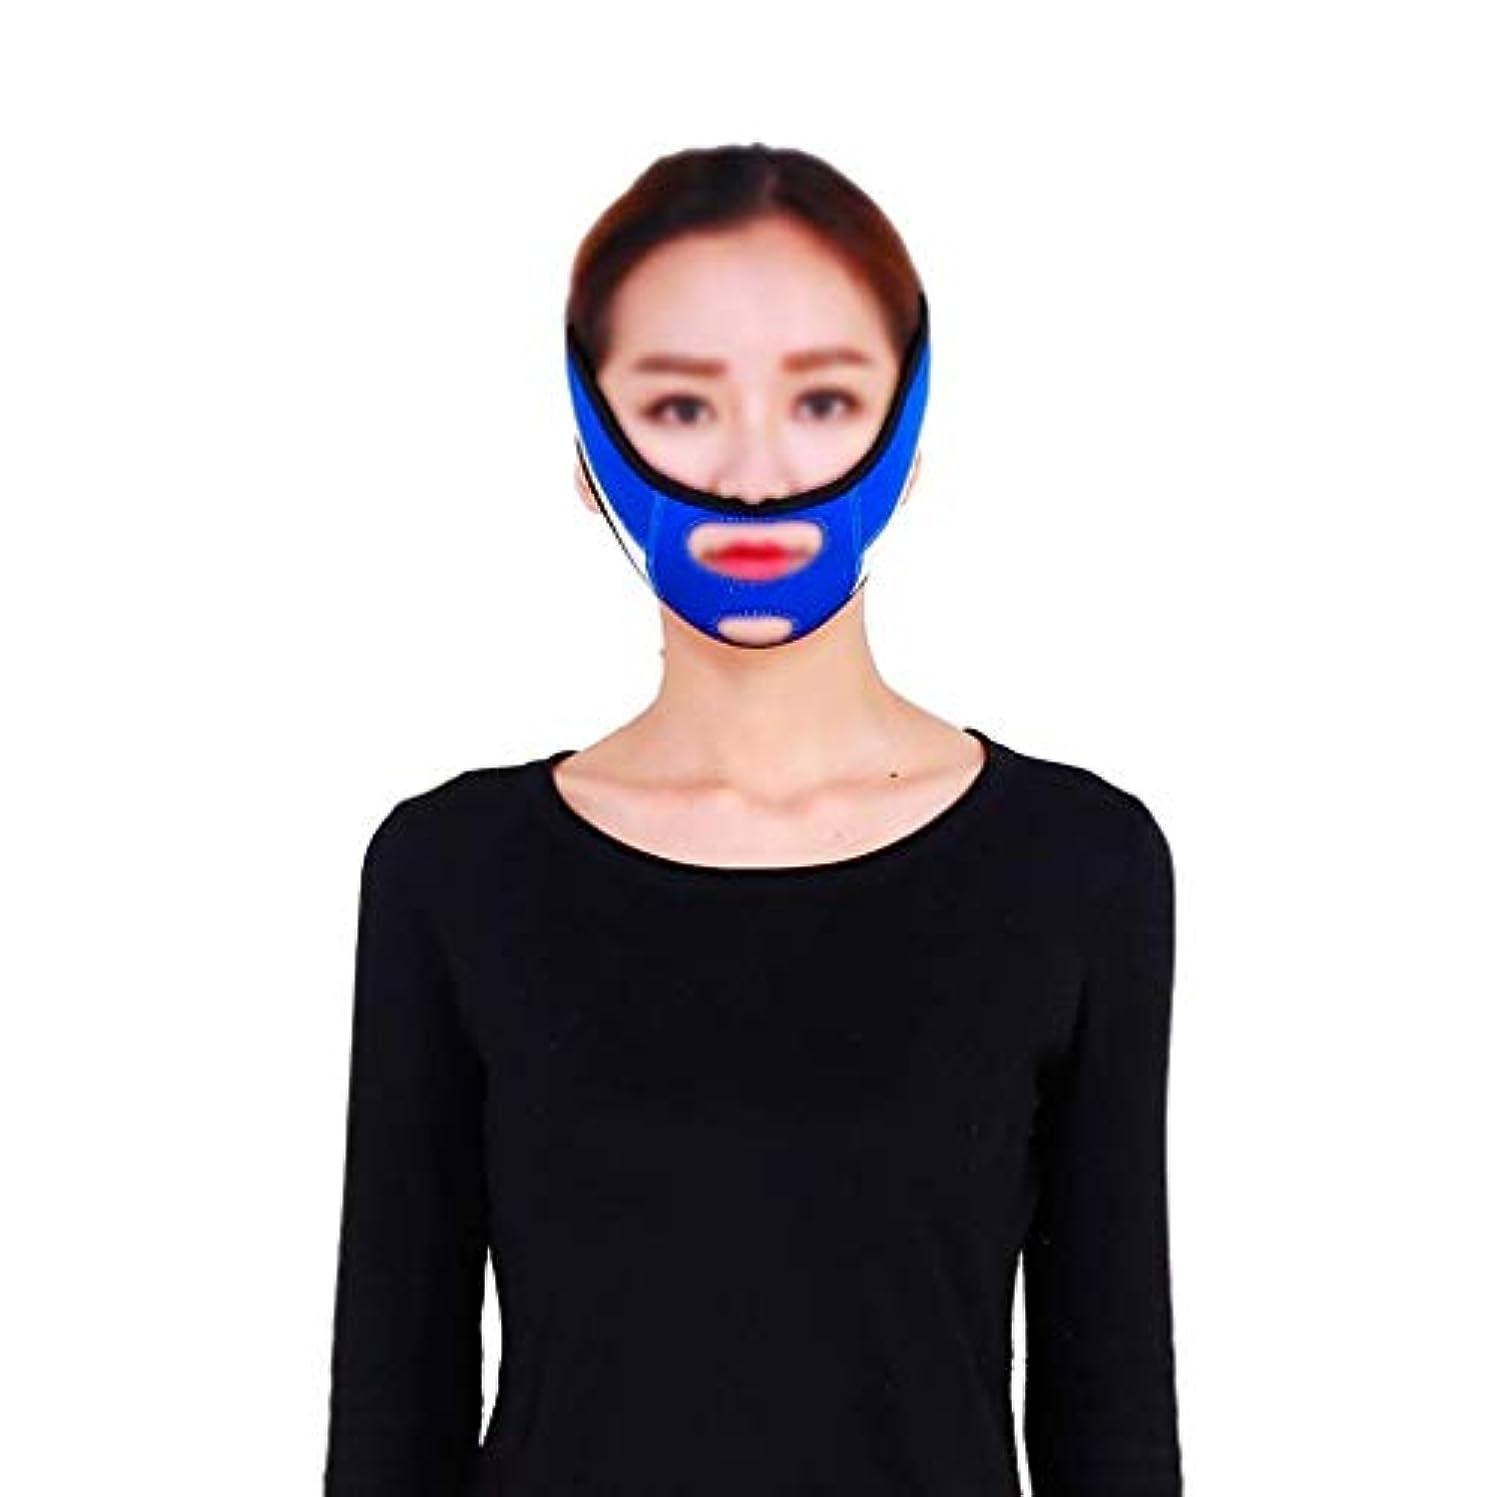 主二テンションファーミングフェイスマスク、スモールVフェイスアーティファクトリフティングマスク、口を調整して垂れ下がった肌を縮小滑り止め弾性ストレッチ包帯